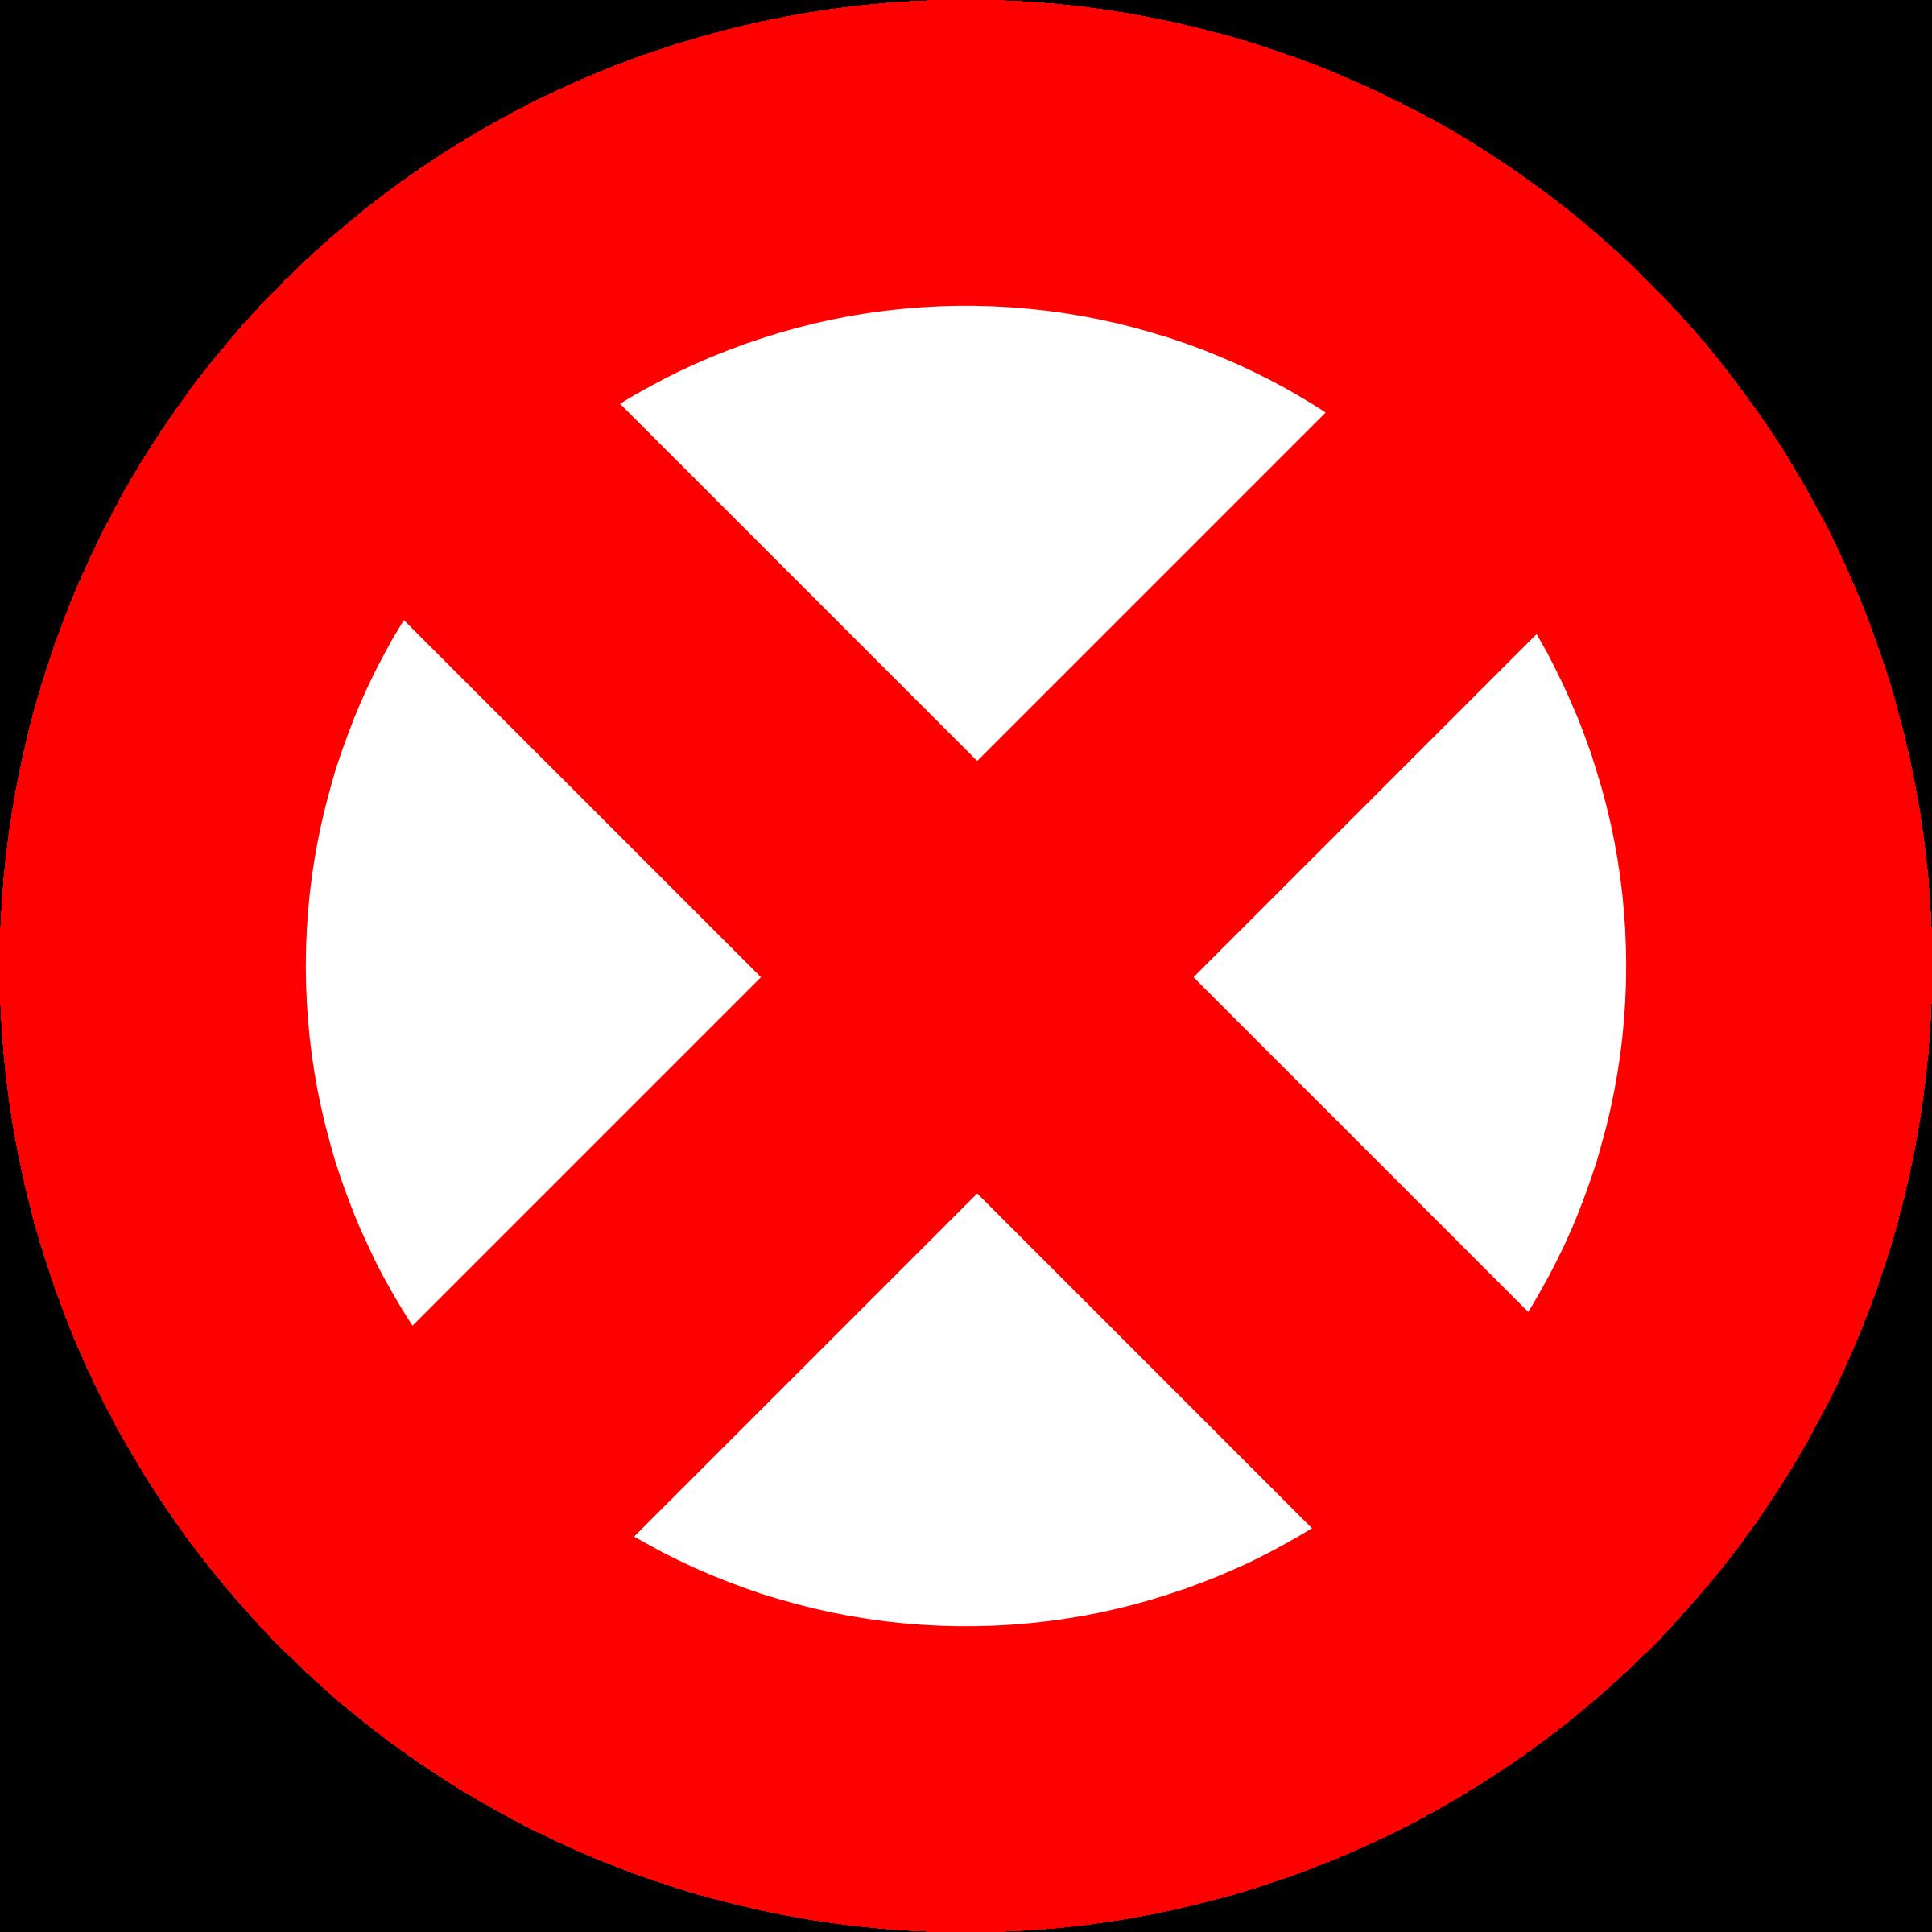 Как сделать недопустимые символы